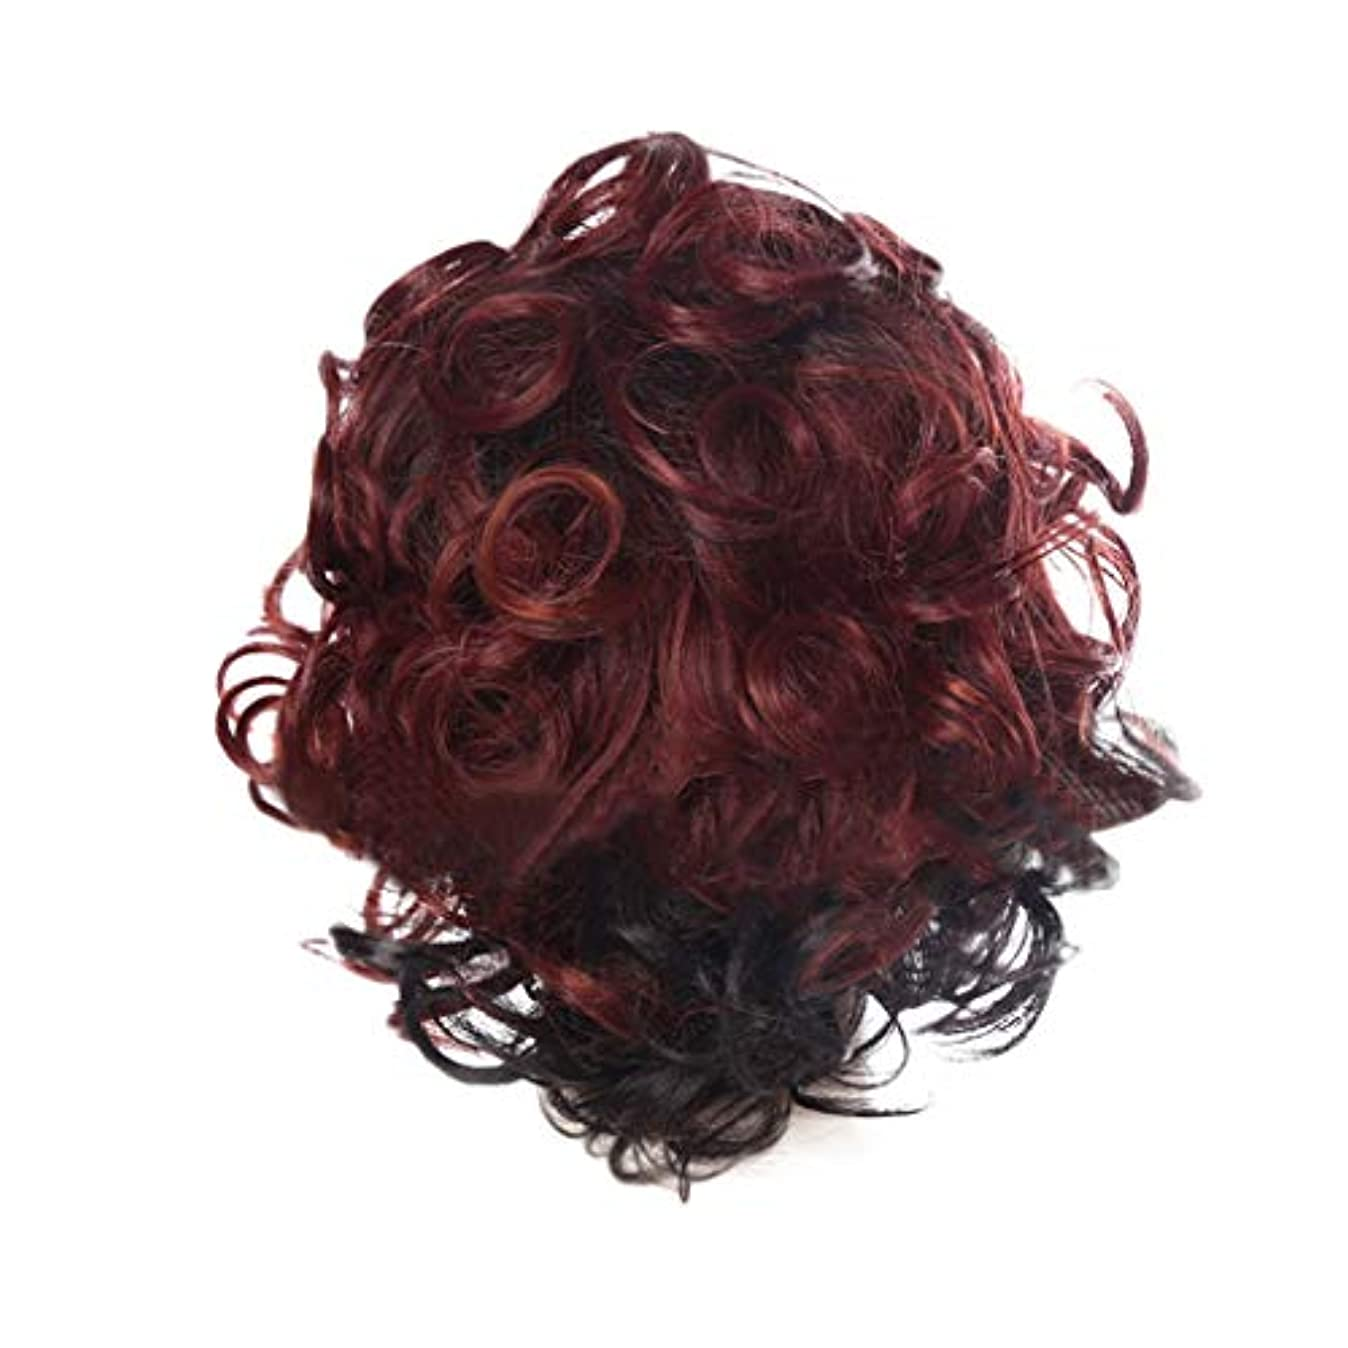 アクセサリー建てる政権女性の赤い短い巻き毛の人格爆発ヘッドかつら35 cmをかつら